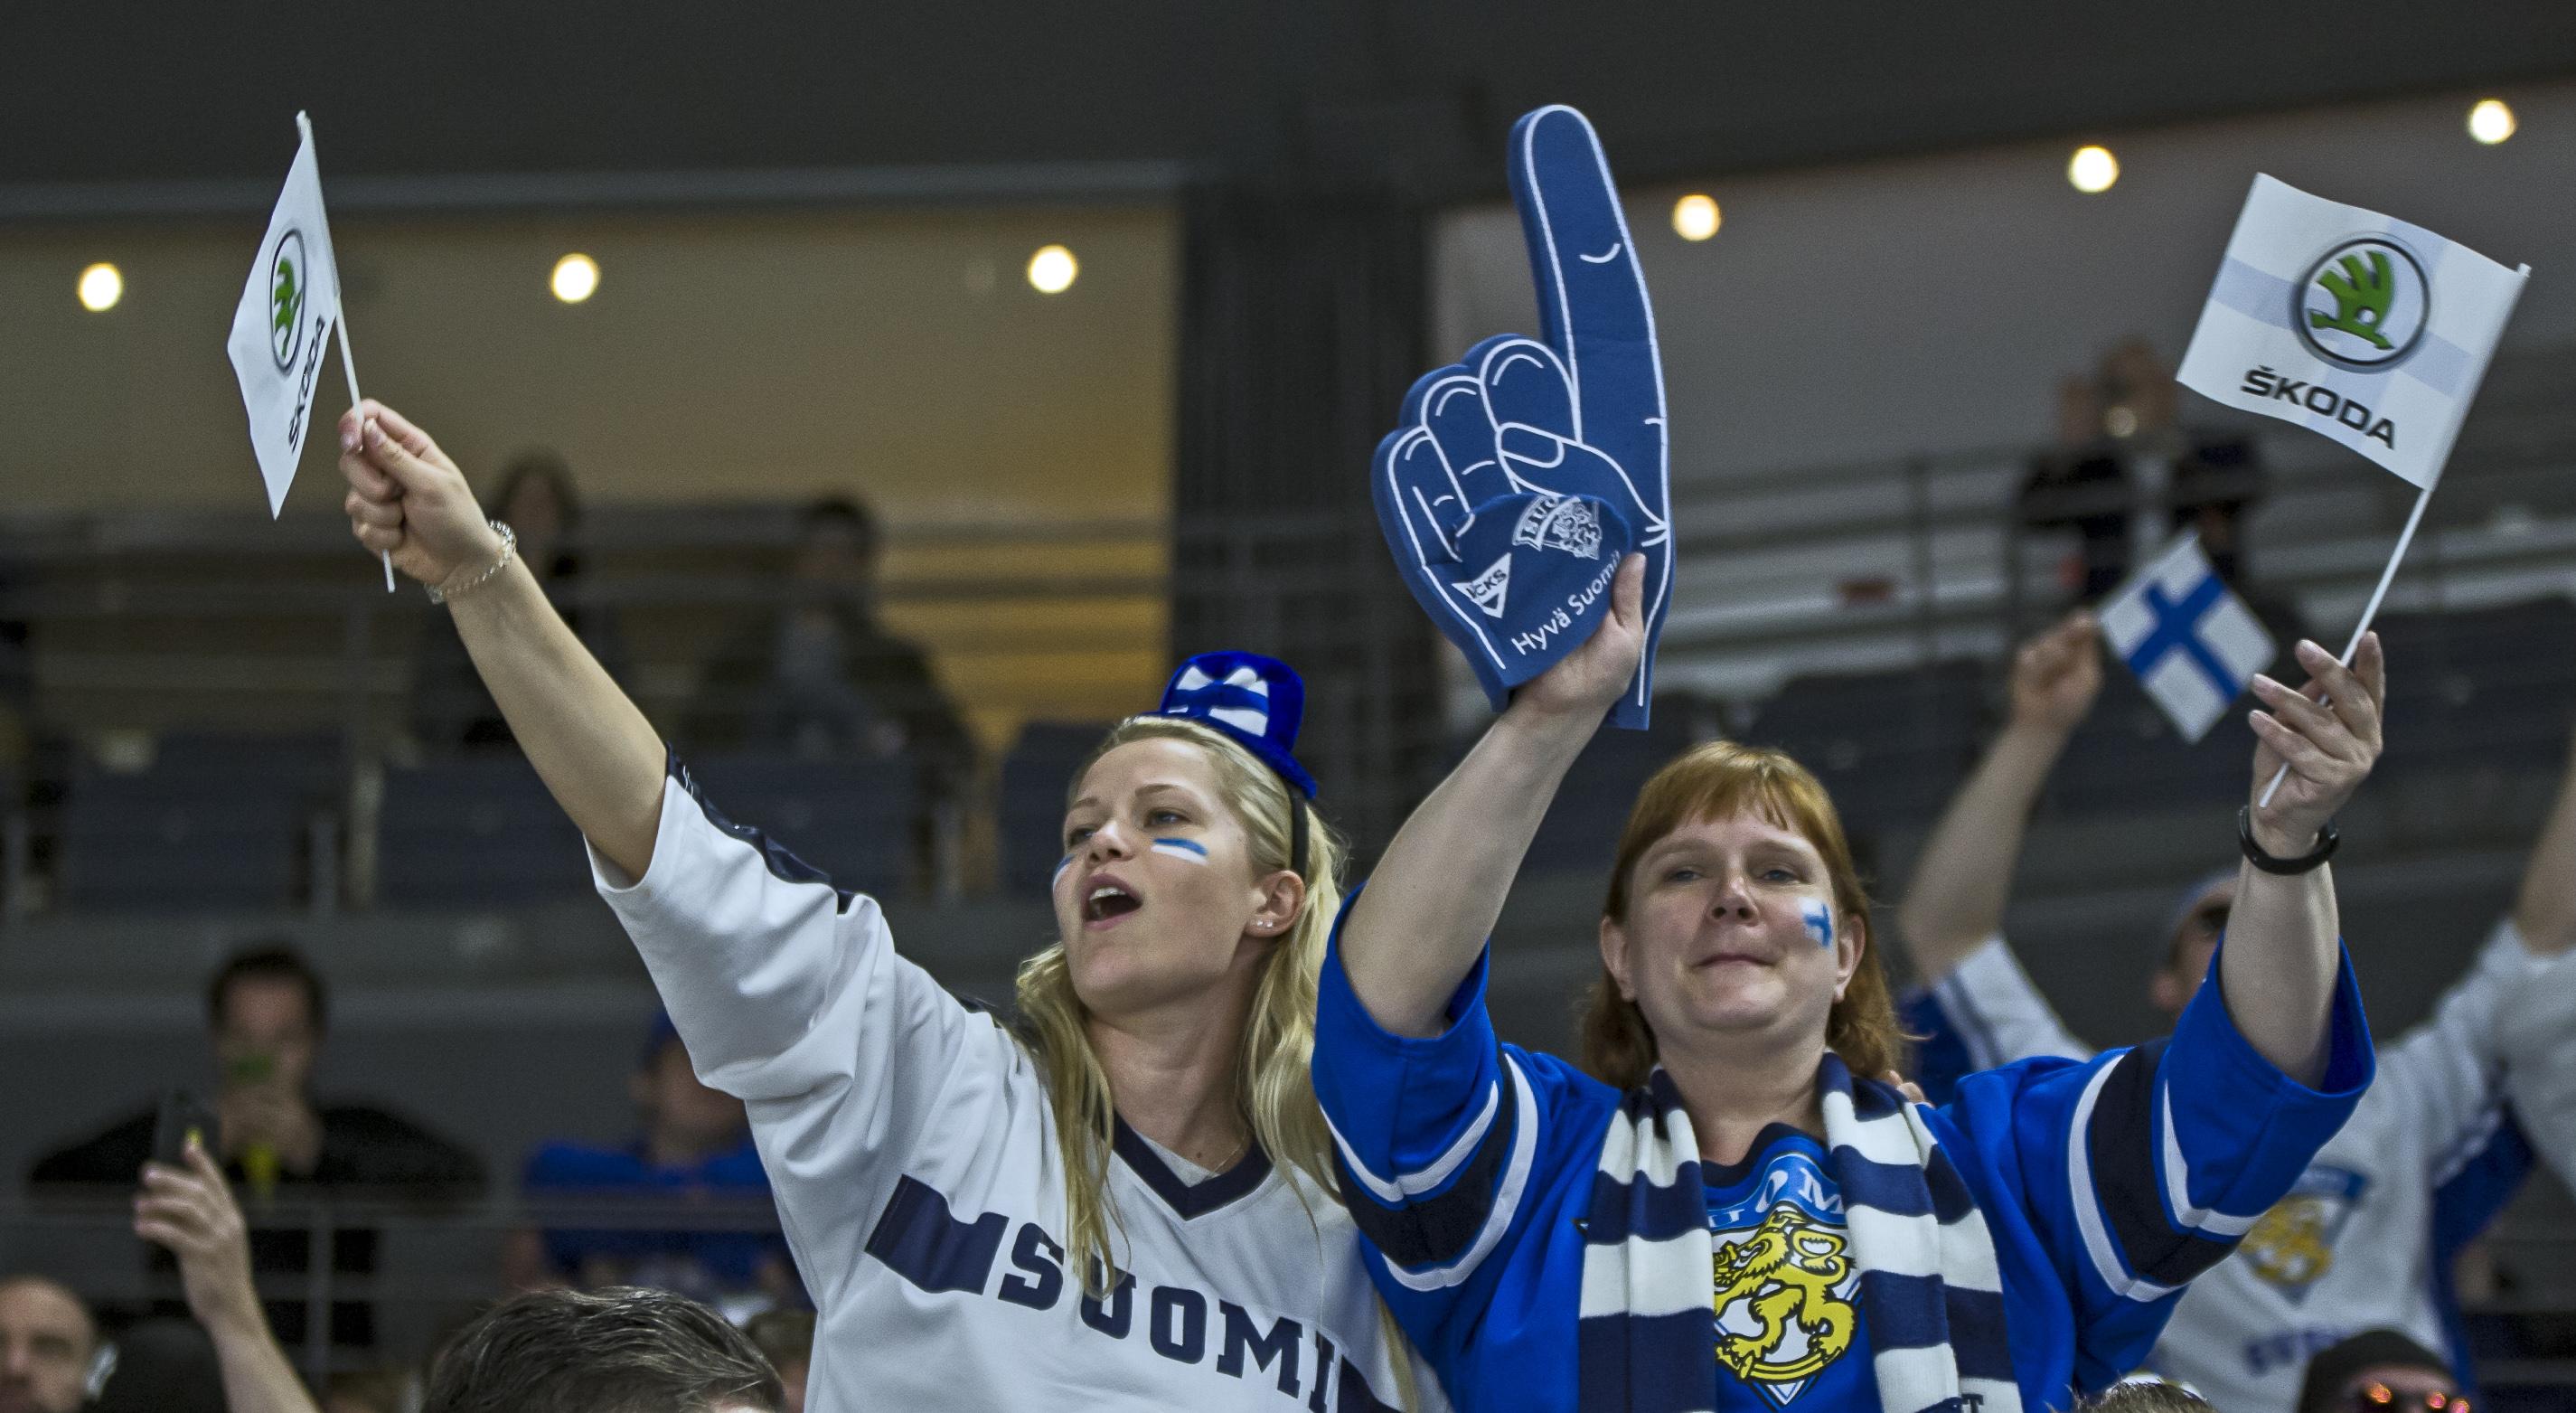 finska fans